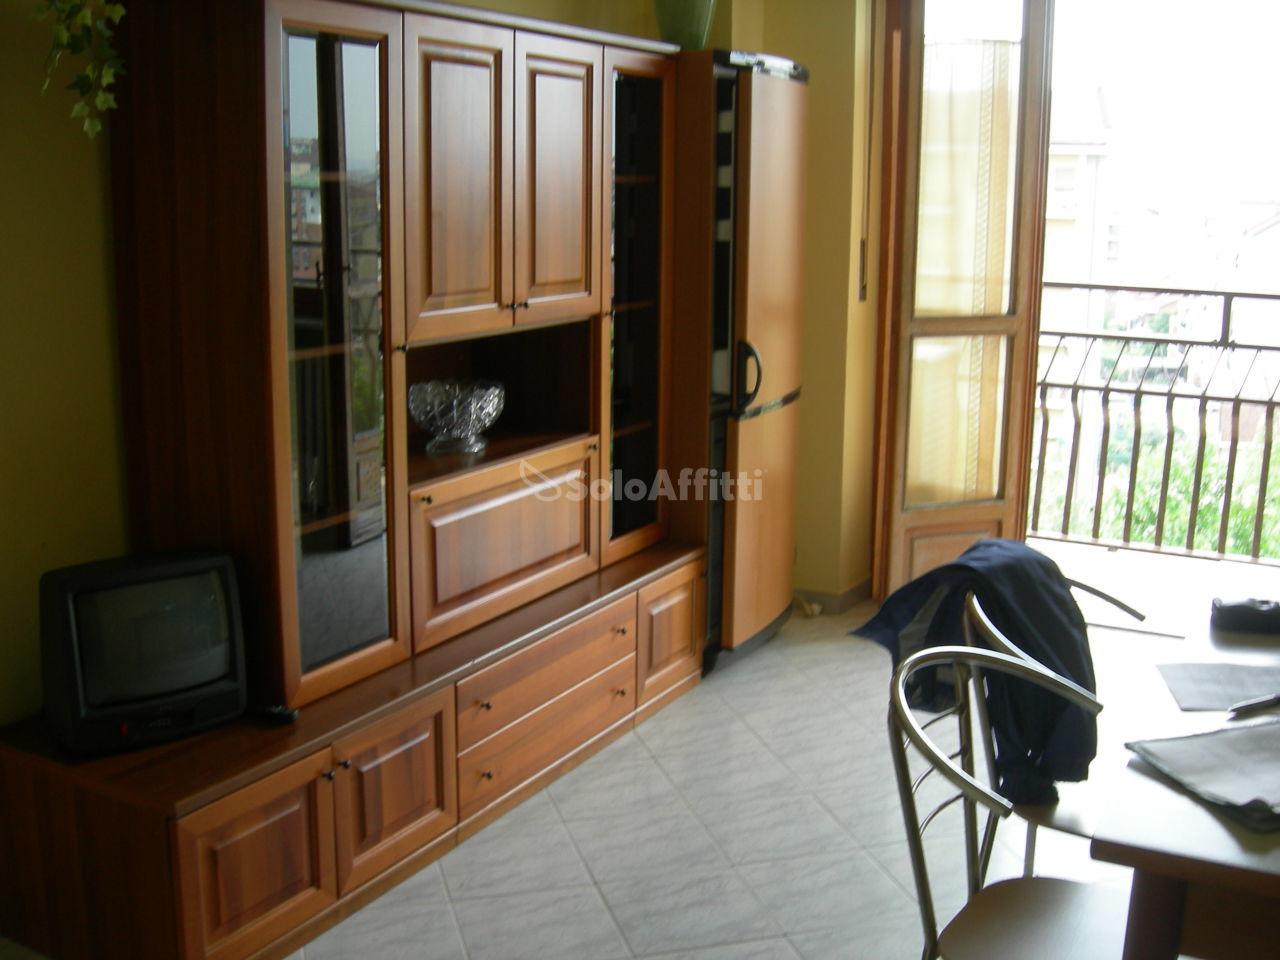 Appartamento in affitto a Torino, 3 locali, prezzo € 480 | Cambio Casa.it